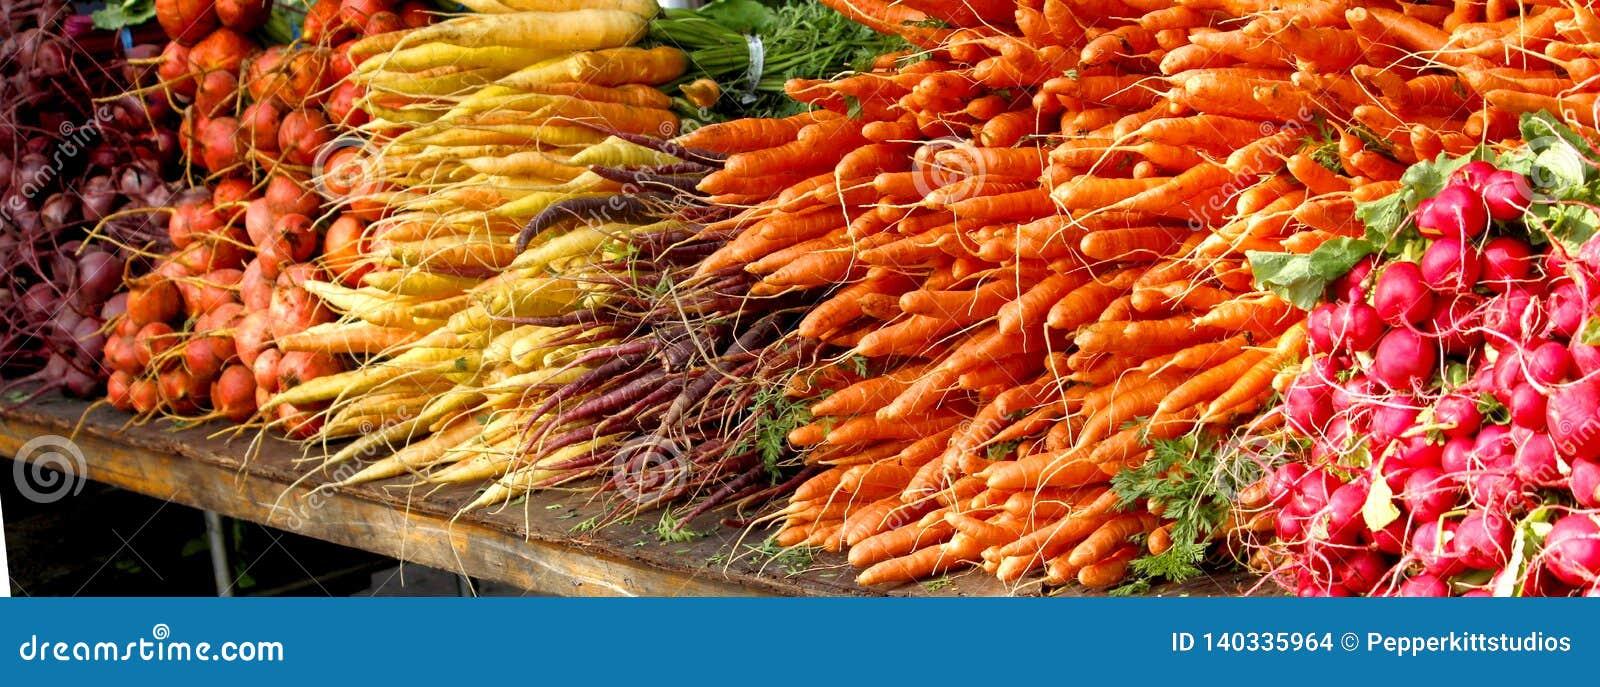 Αγορά αγροτών - λαχανικά ρίζας - τεύτλα, καρότα, ραδίκια